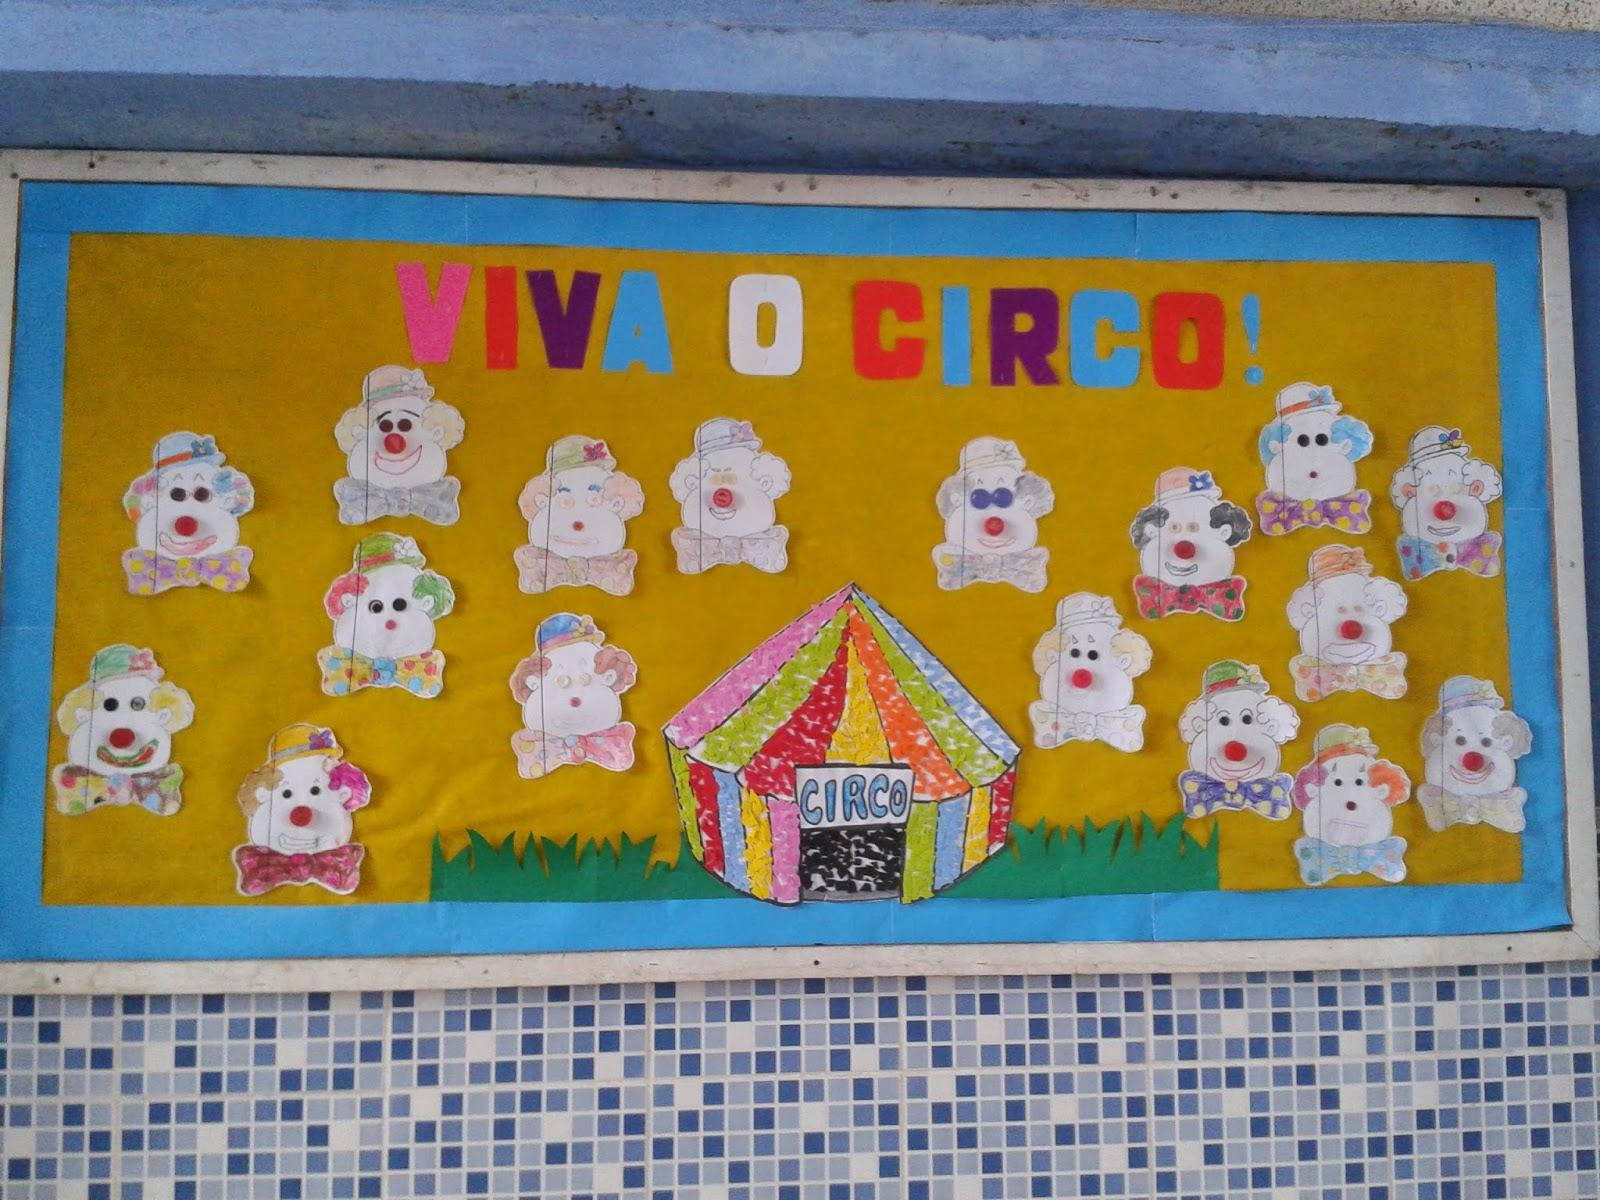 52 Ideias De Murais Para O Dia Do Circo Só Escola